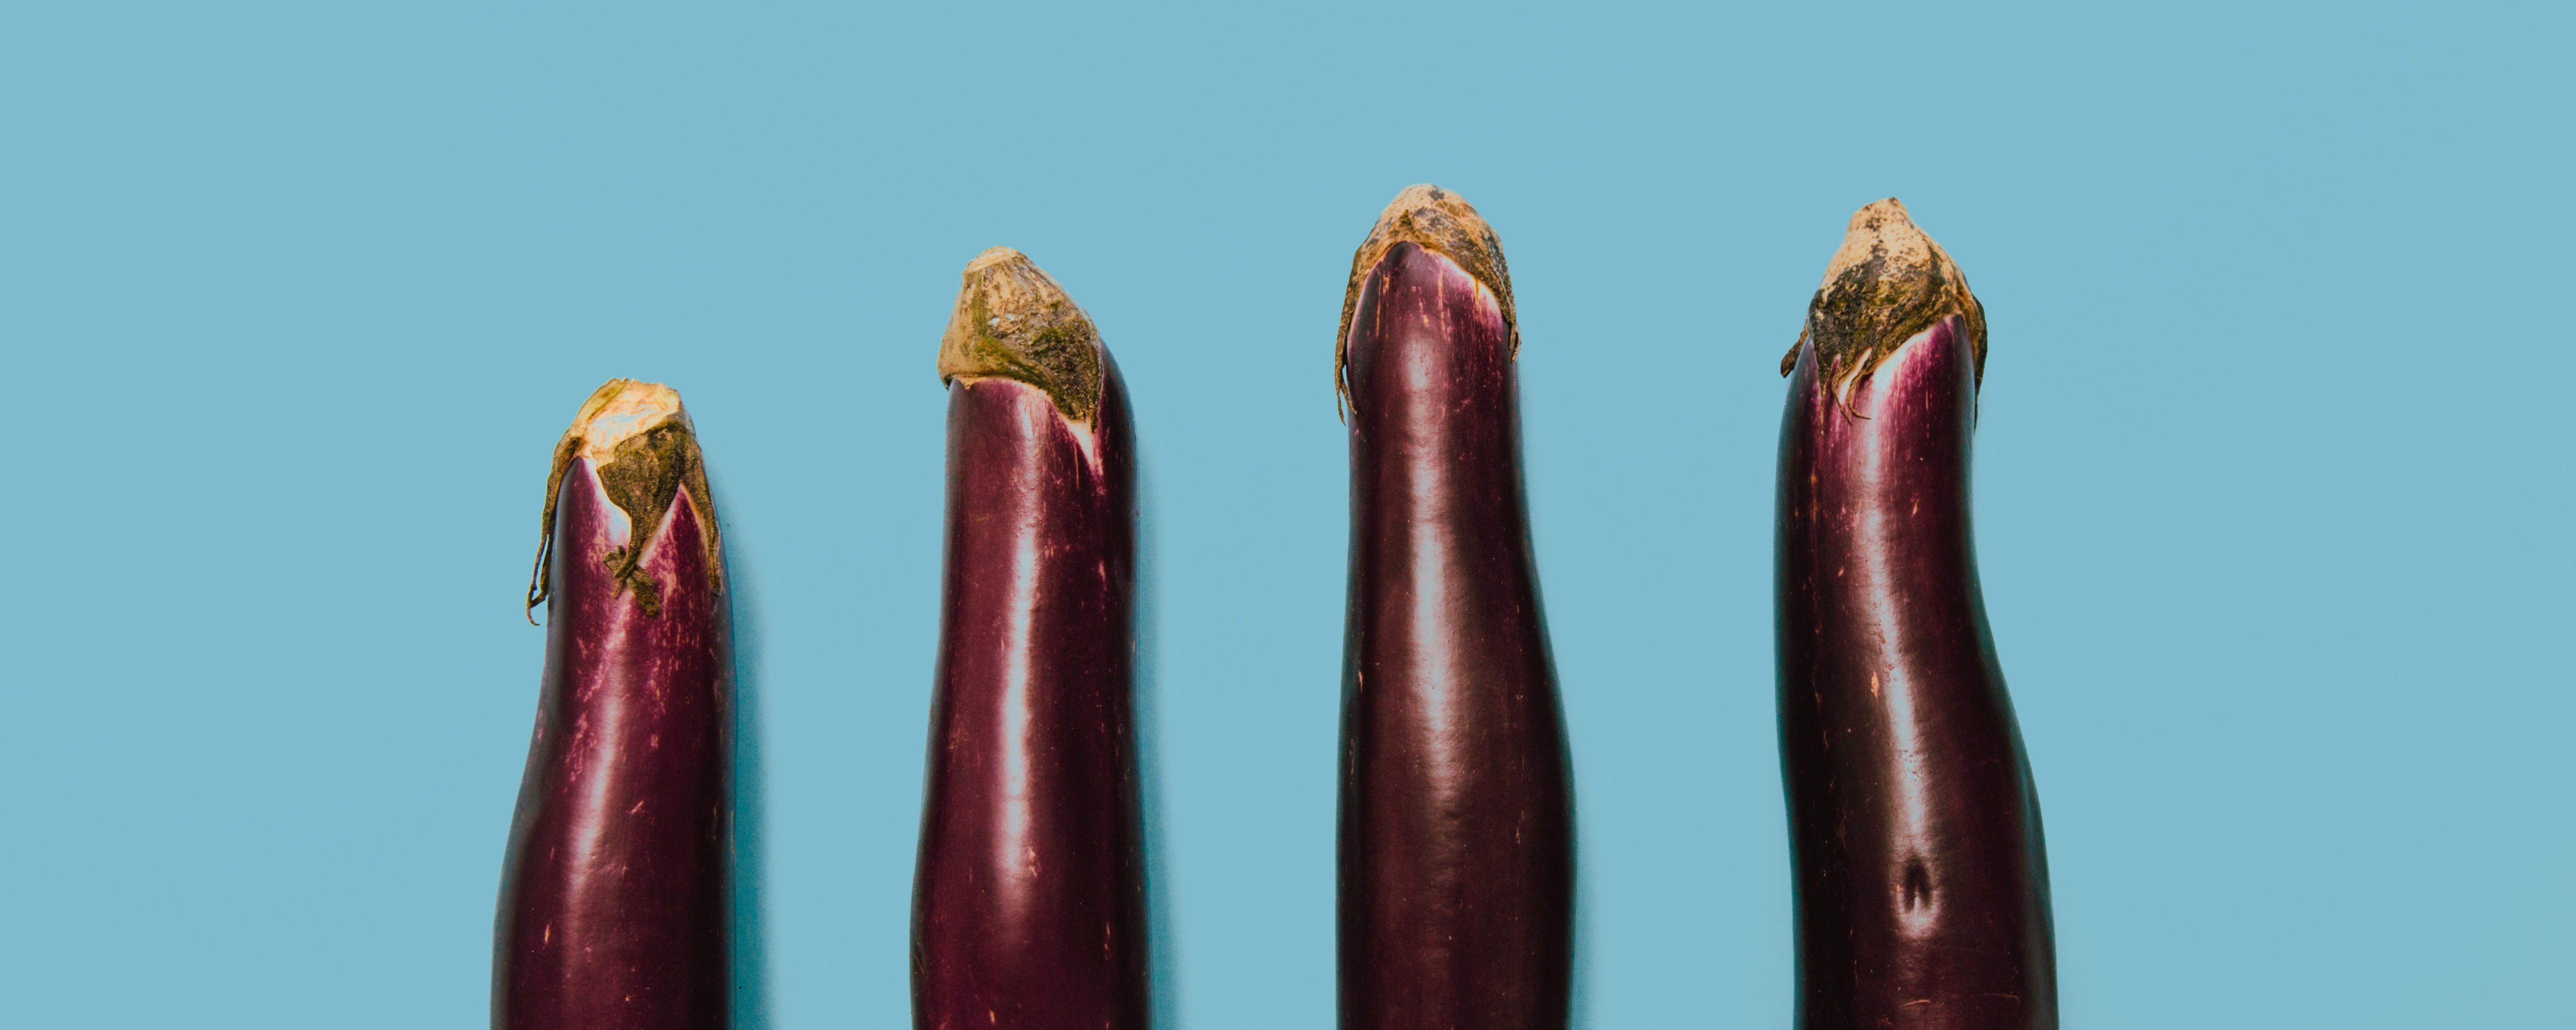 dimensiunea penisului cum să crească penis fals